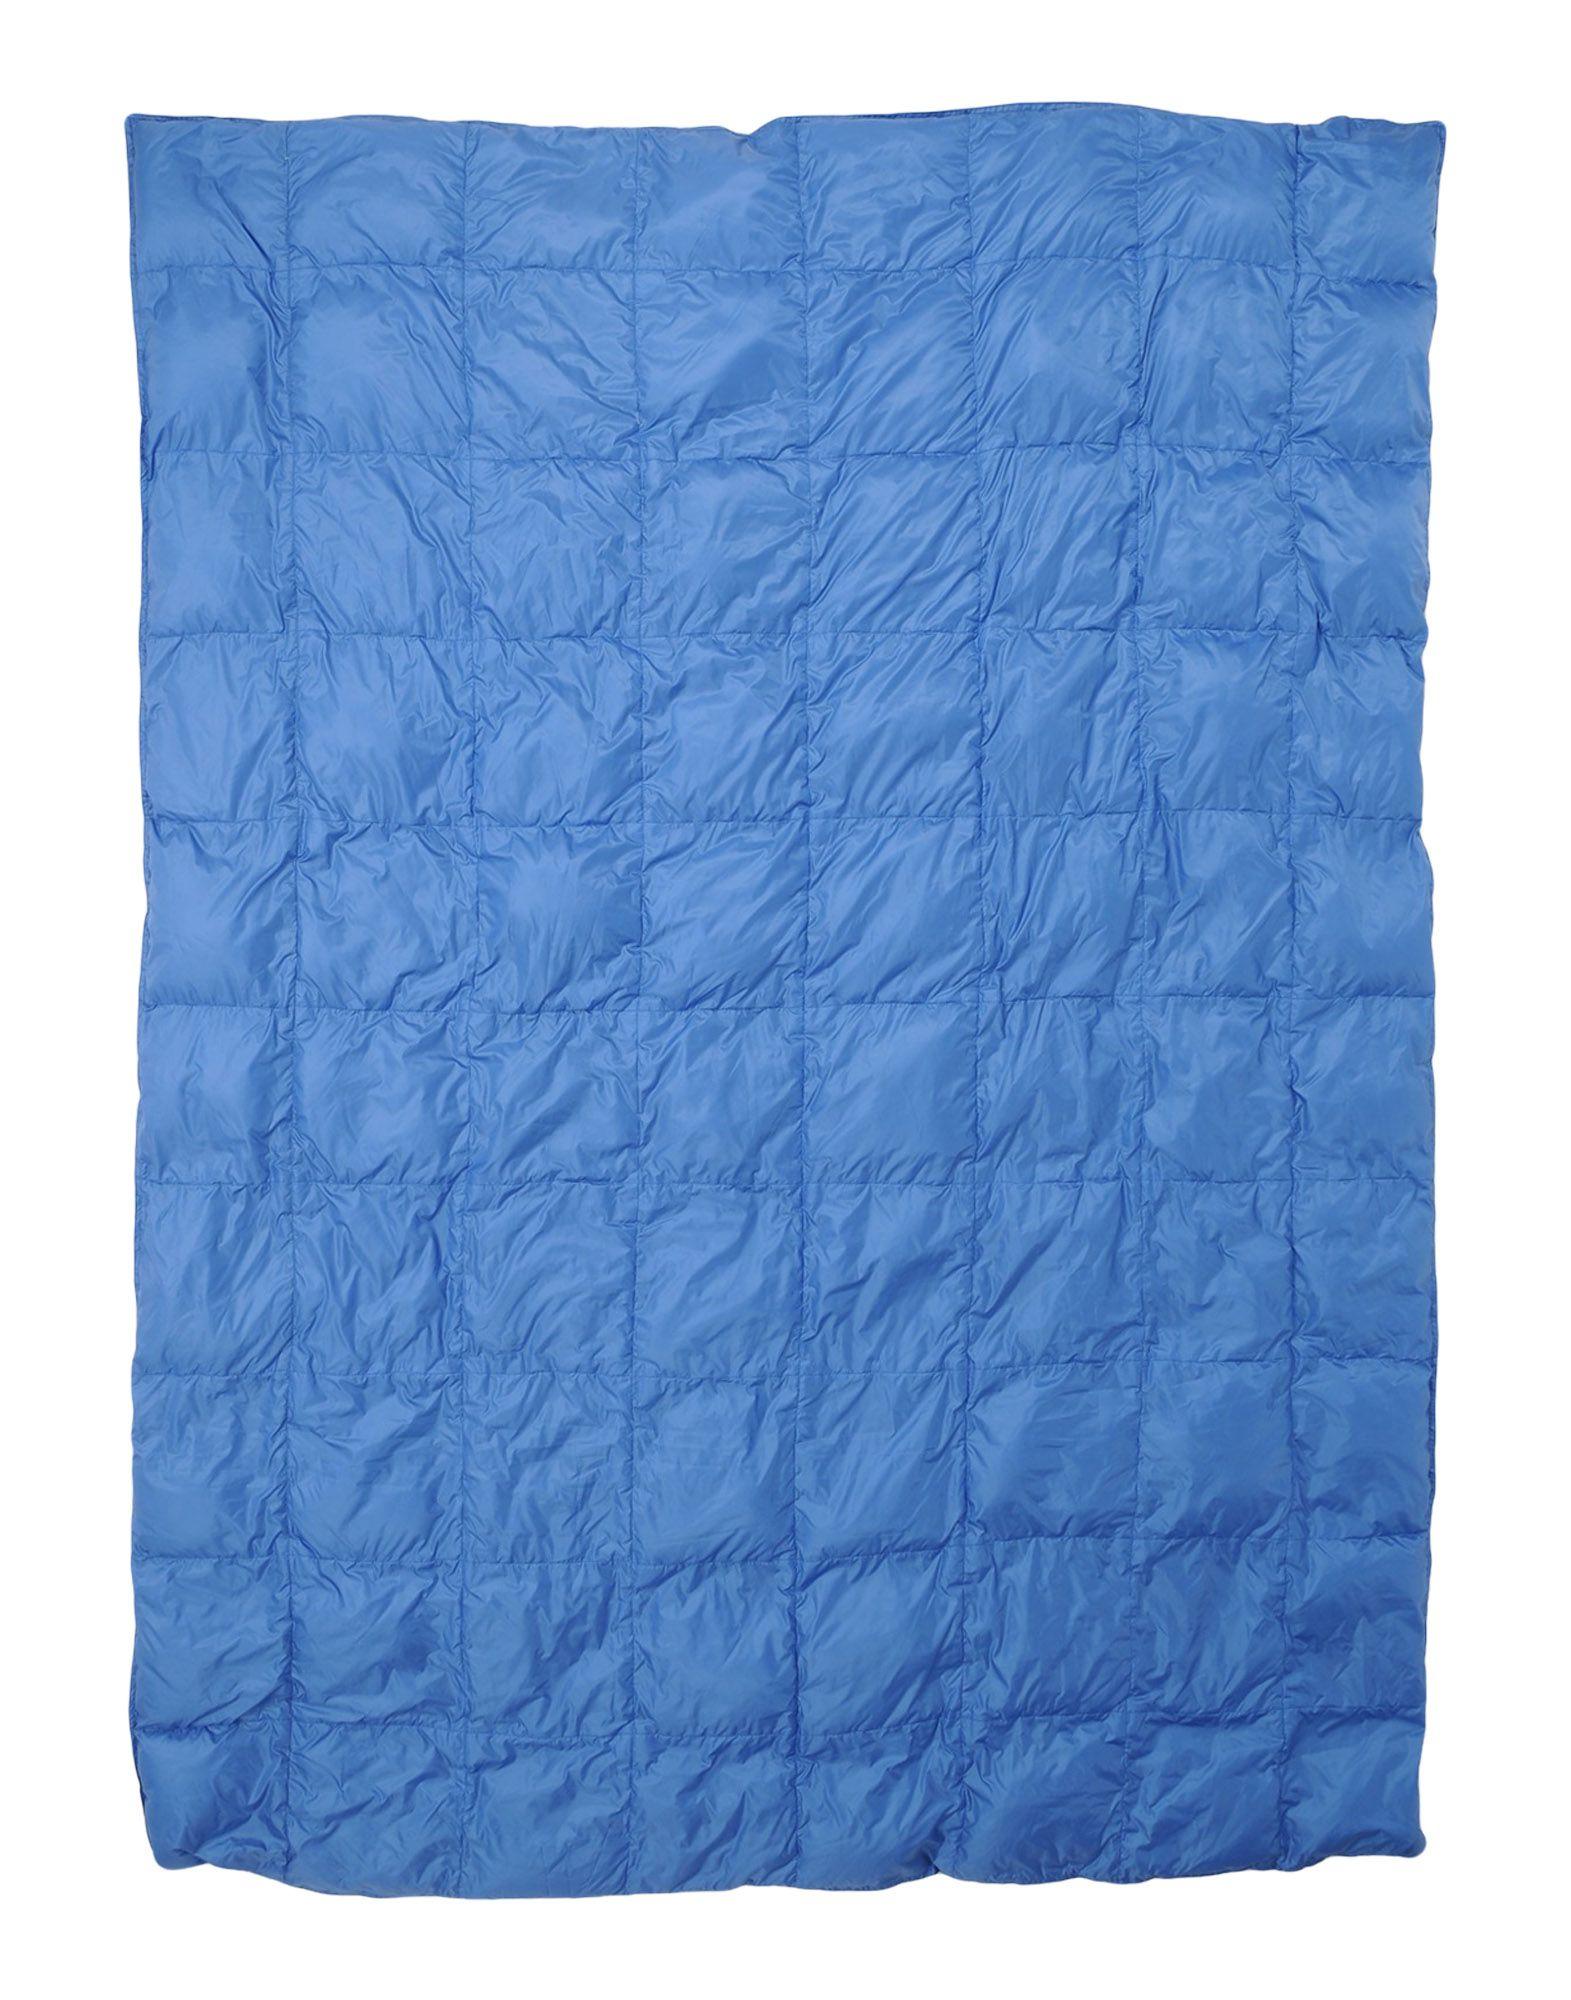 【送料無料】メンズ ASPESI NORD キルティングのベッドカバー アジュールブルー